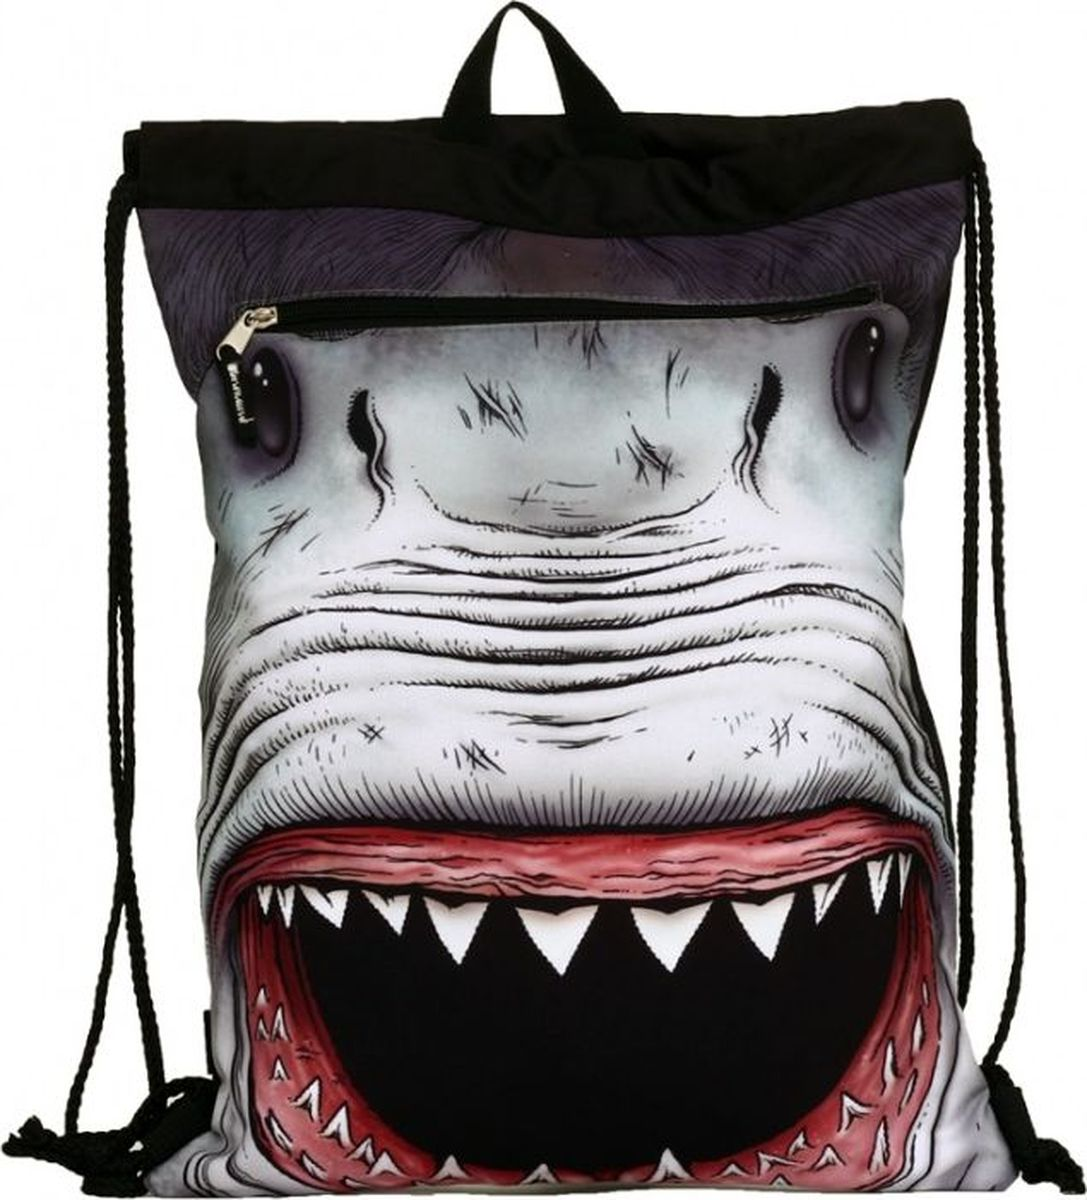 Mojo Сумка-рюкзак Shark Attack с капюшономKV9983234Оригинальная сумка-рюкзак отлично подойдёт как для обуви, так и для различных вещей. Карман содержит в себе дополнительные элементы, соответствующий дизайну изделия. Закрывается рюкзак на кулиску, благодаря стягиванию лямок. Текстильная ручка позволяет не только переносить рюкзак за спиной, но и в руках.